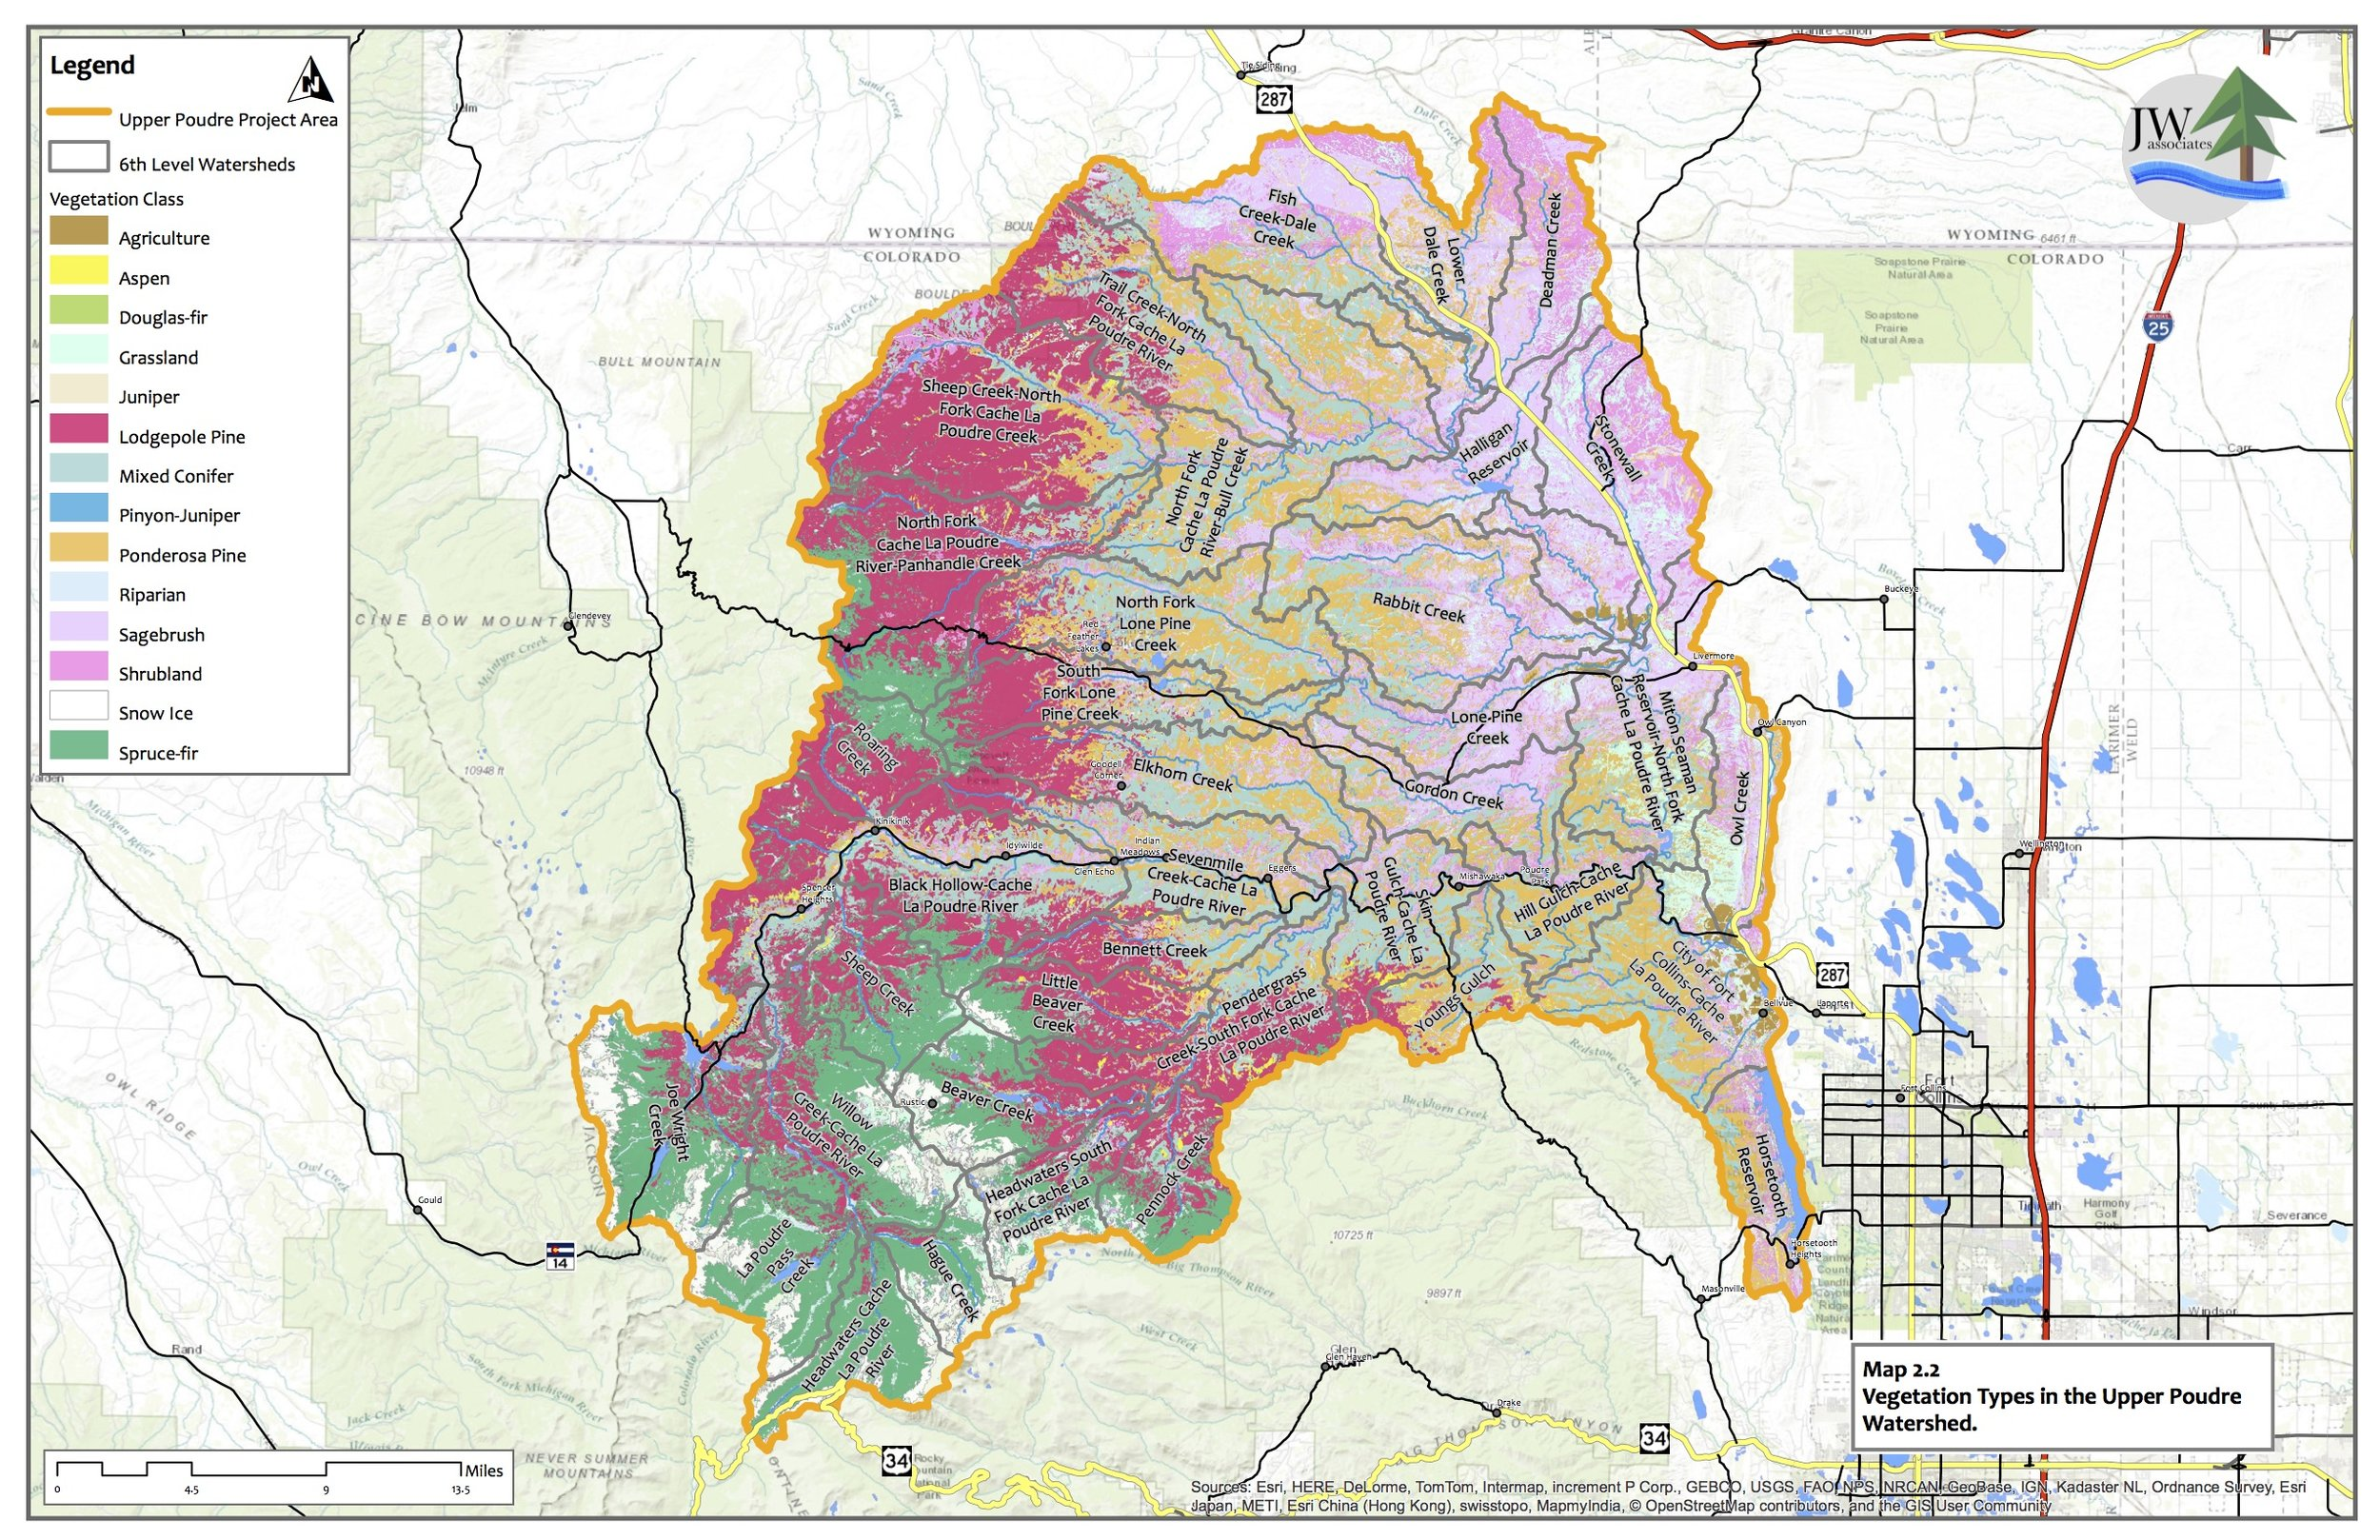 Map 2.2 UP_Vegetation.jpg